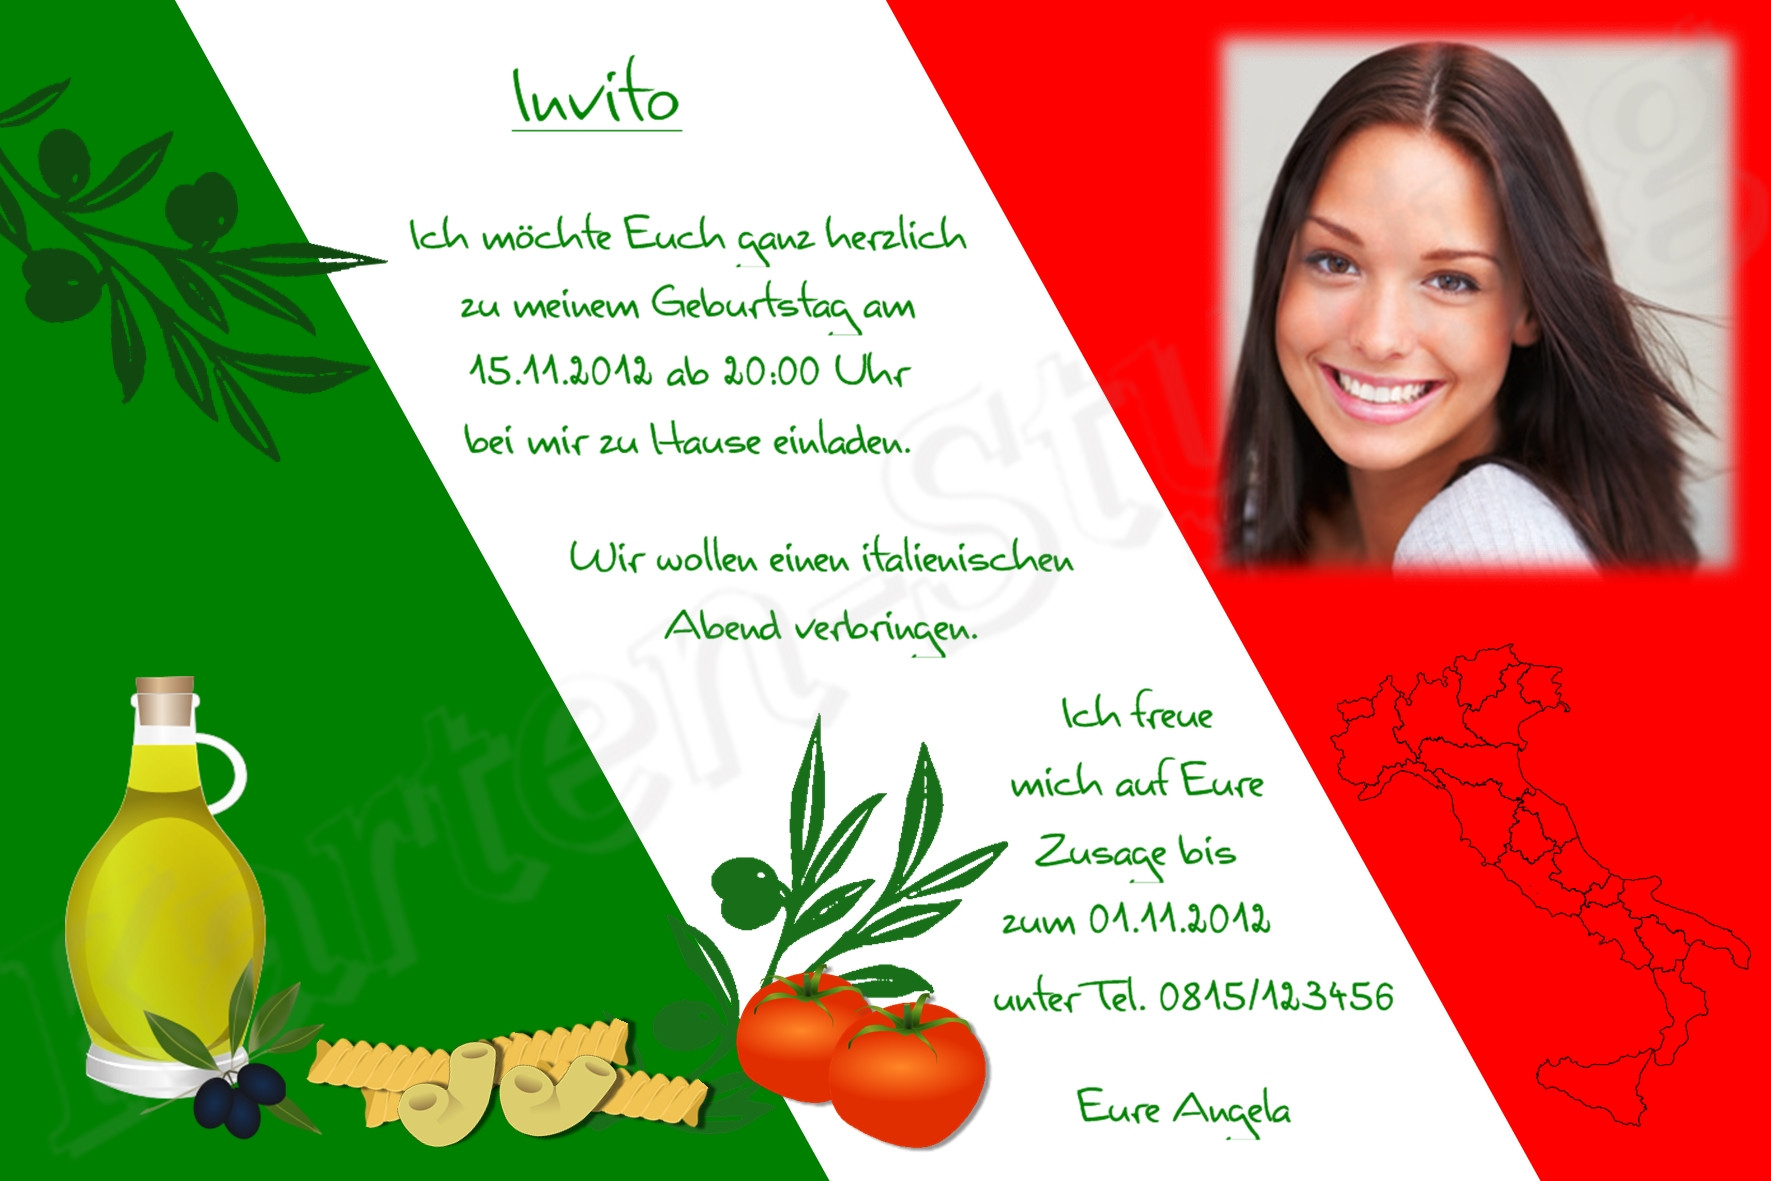 Italienische Geburtstagswünsche  Glückwünsche Geburtstag Italienisch